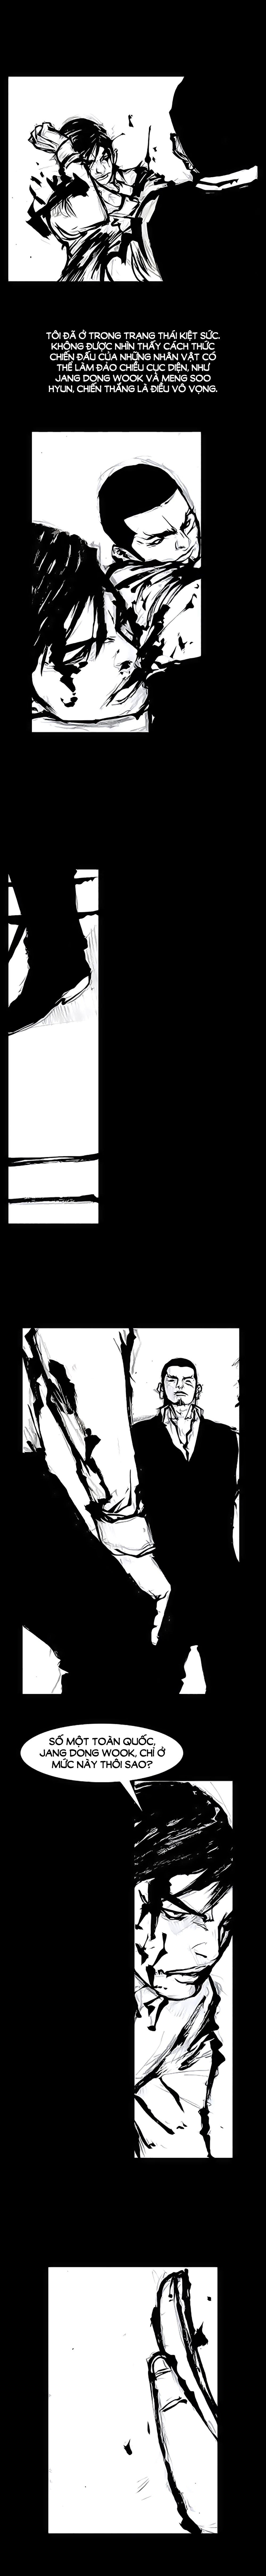 Máu Nhuốm Giang Hồ | Blood Rain chap 65 - Trang 9